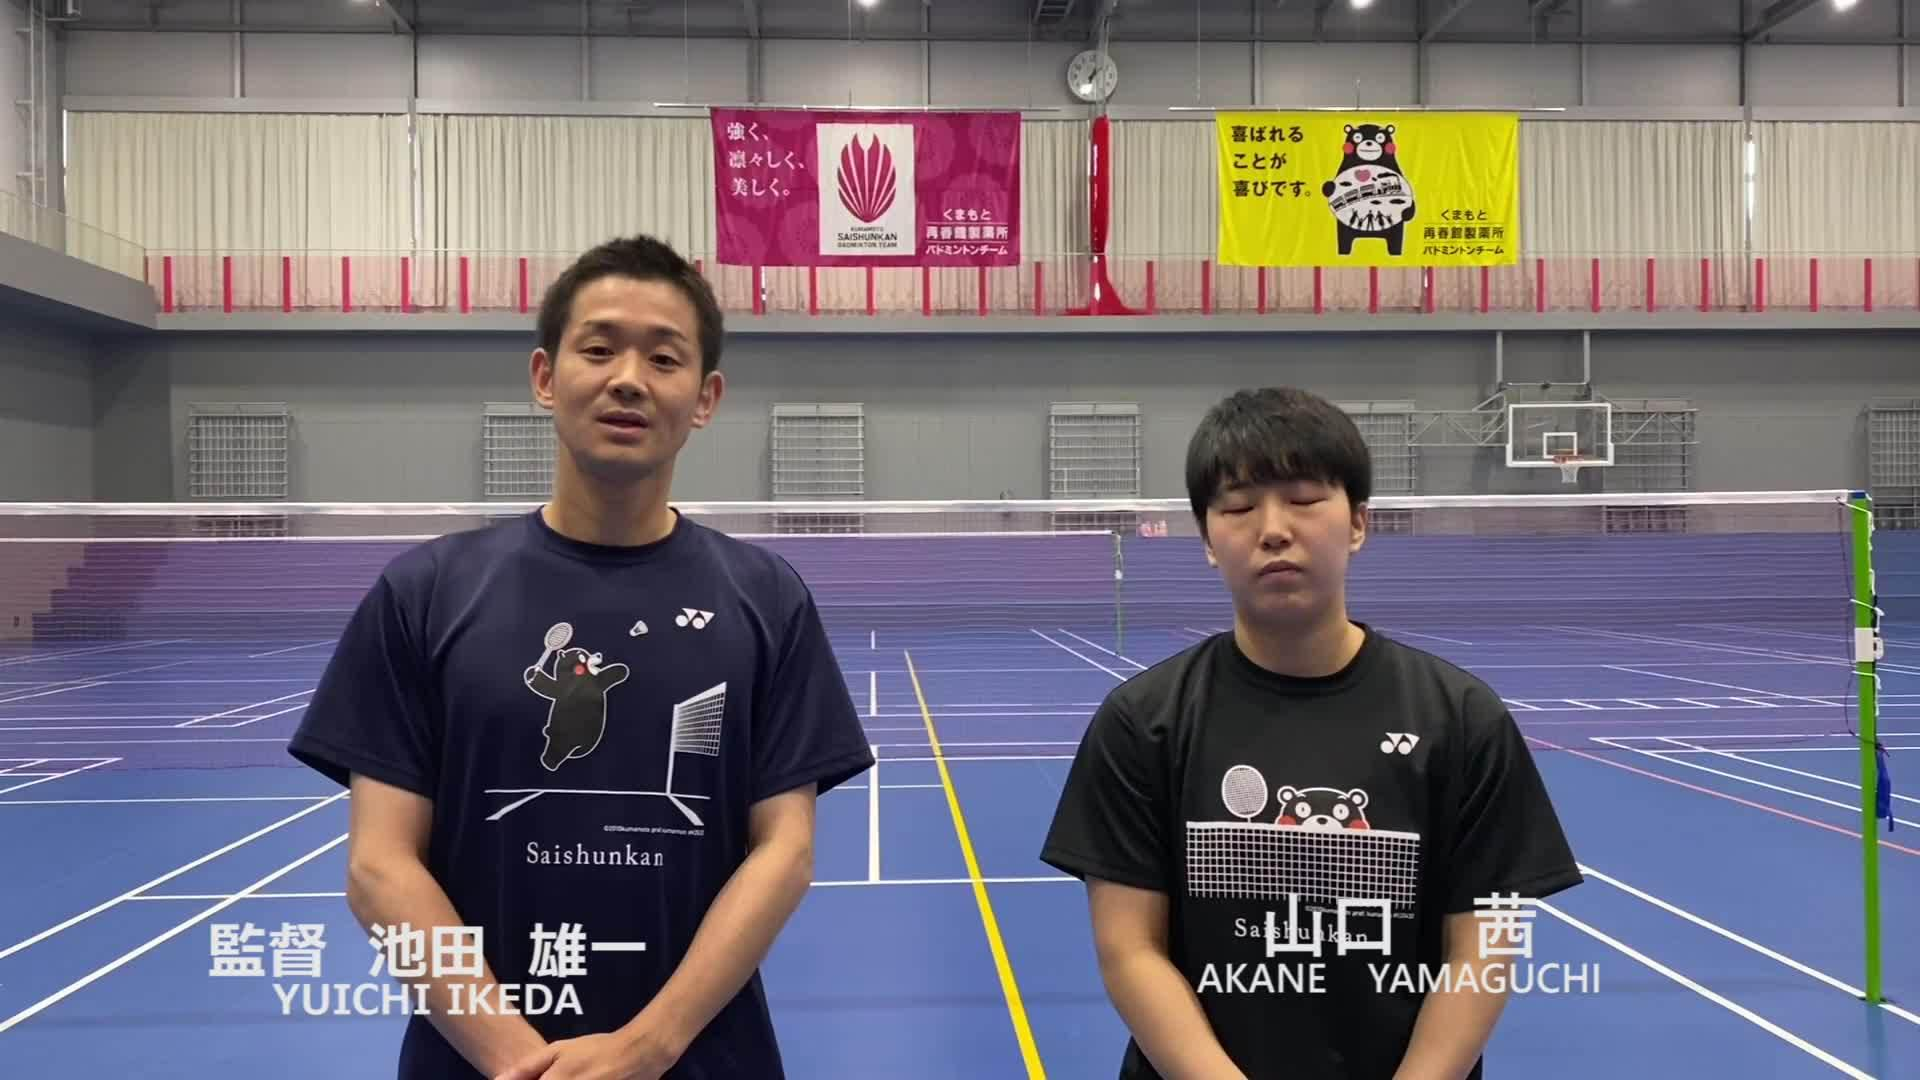 山口茜vs池田雄一 再春馆制药所内部团战之性别大战 香!!